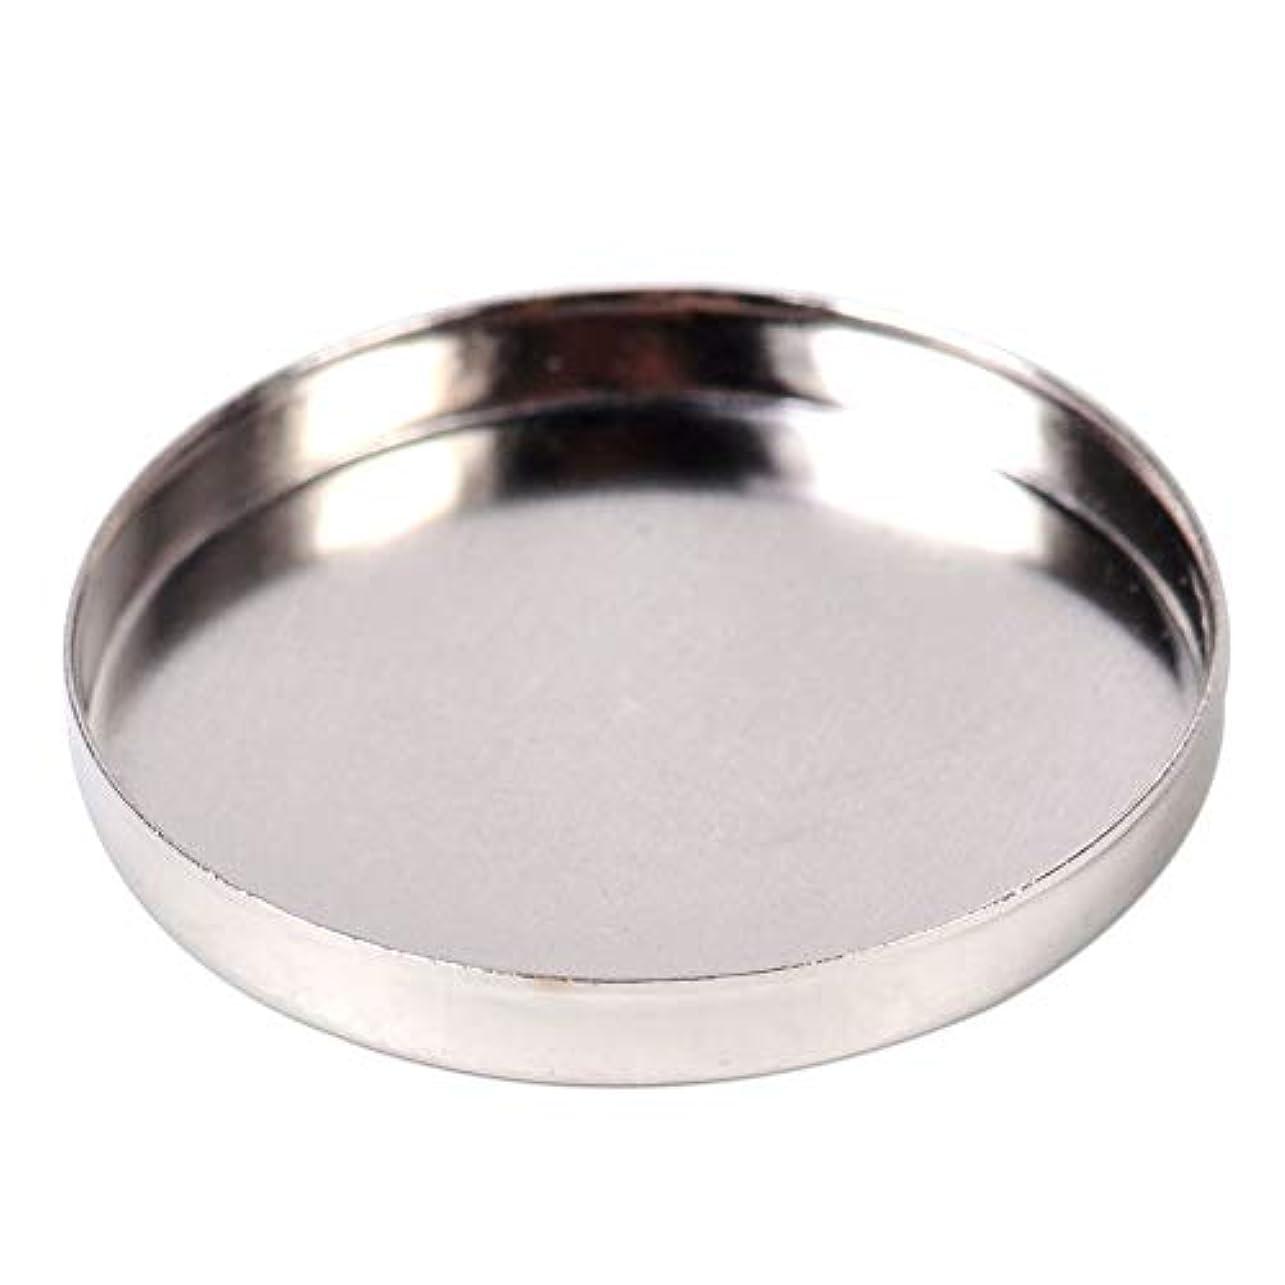 食品アライメント敵意マグネットに反応する10×丸型ブリキパンパレット26mm空のアイシャドウパレット